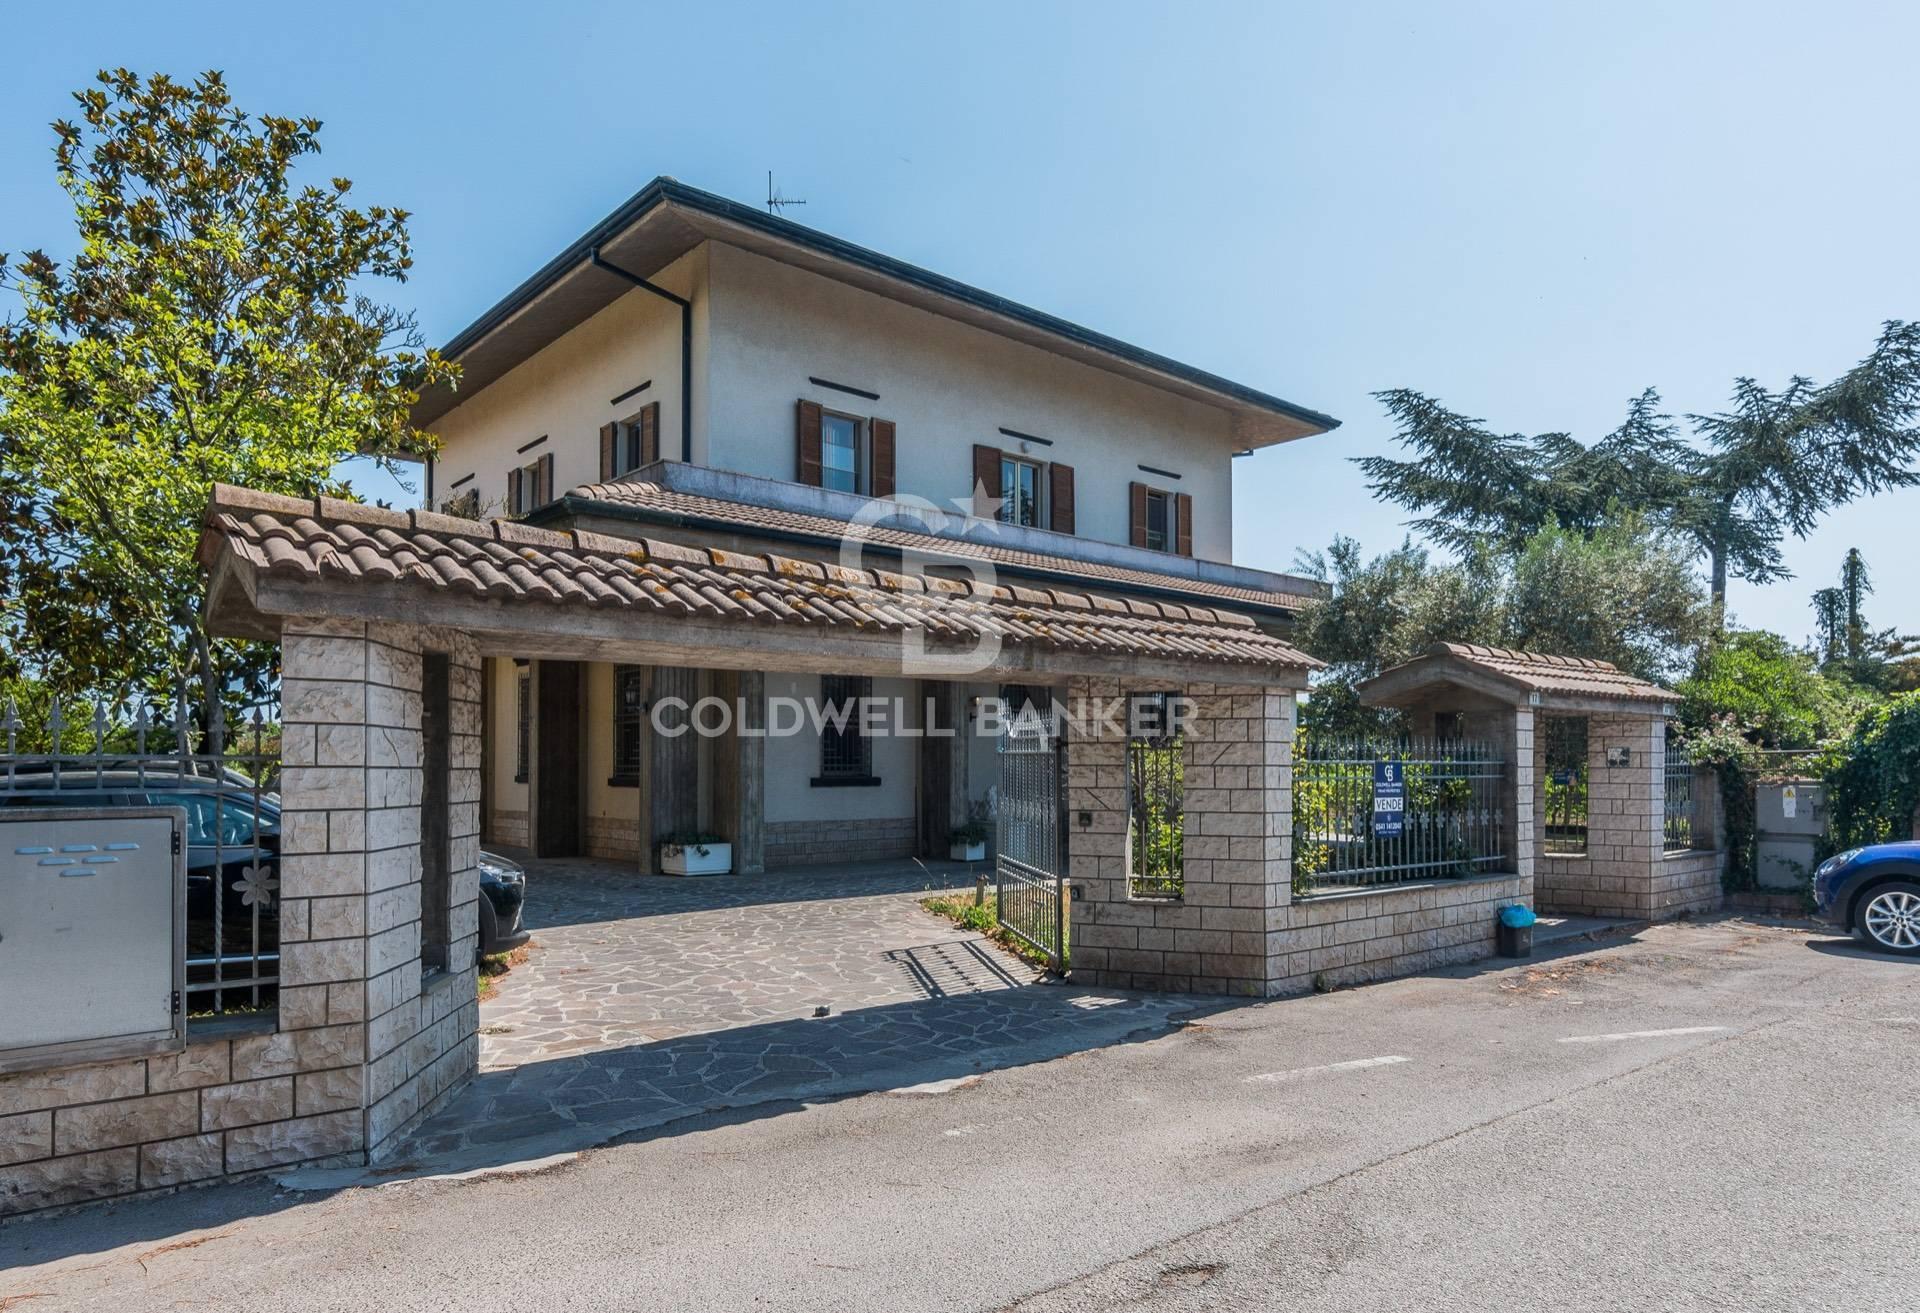 Villa in vendita a Bellaria Igea Marina, 12 locali, zona Zona: Bellaria, prezzo € 589.000 | CambioCasa.it